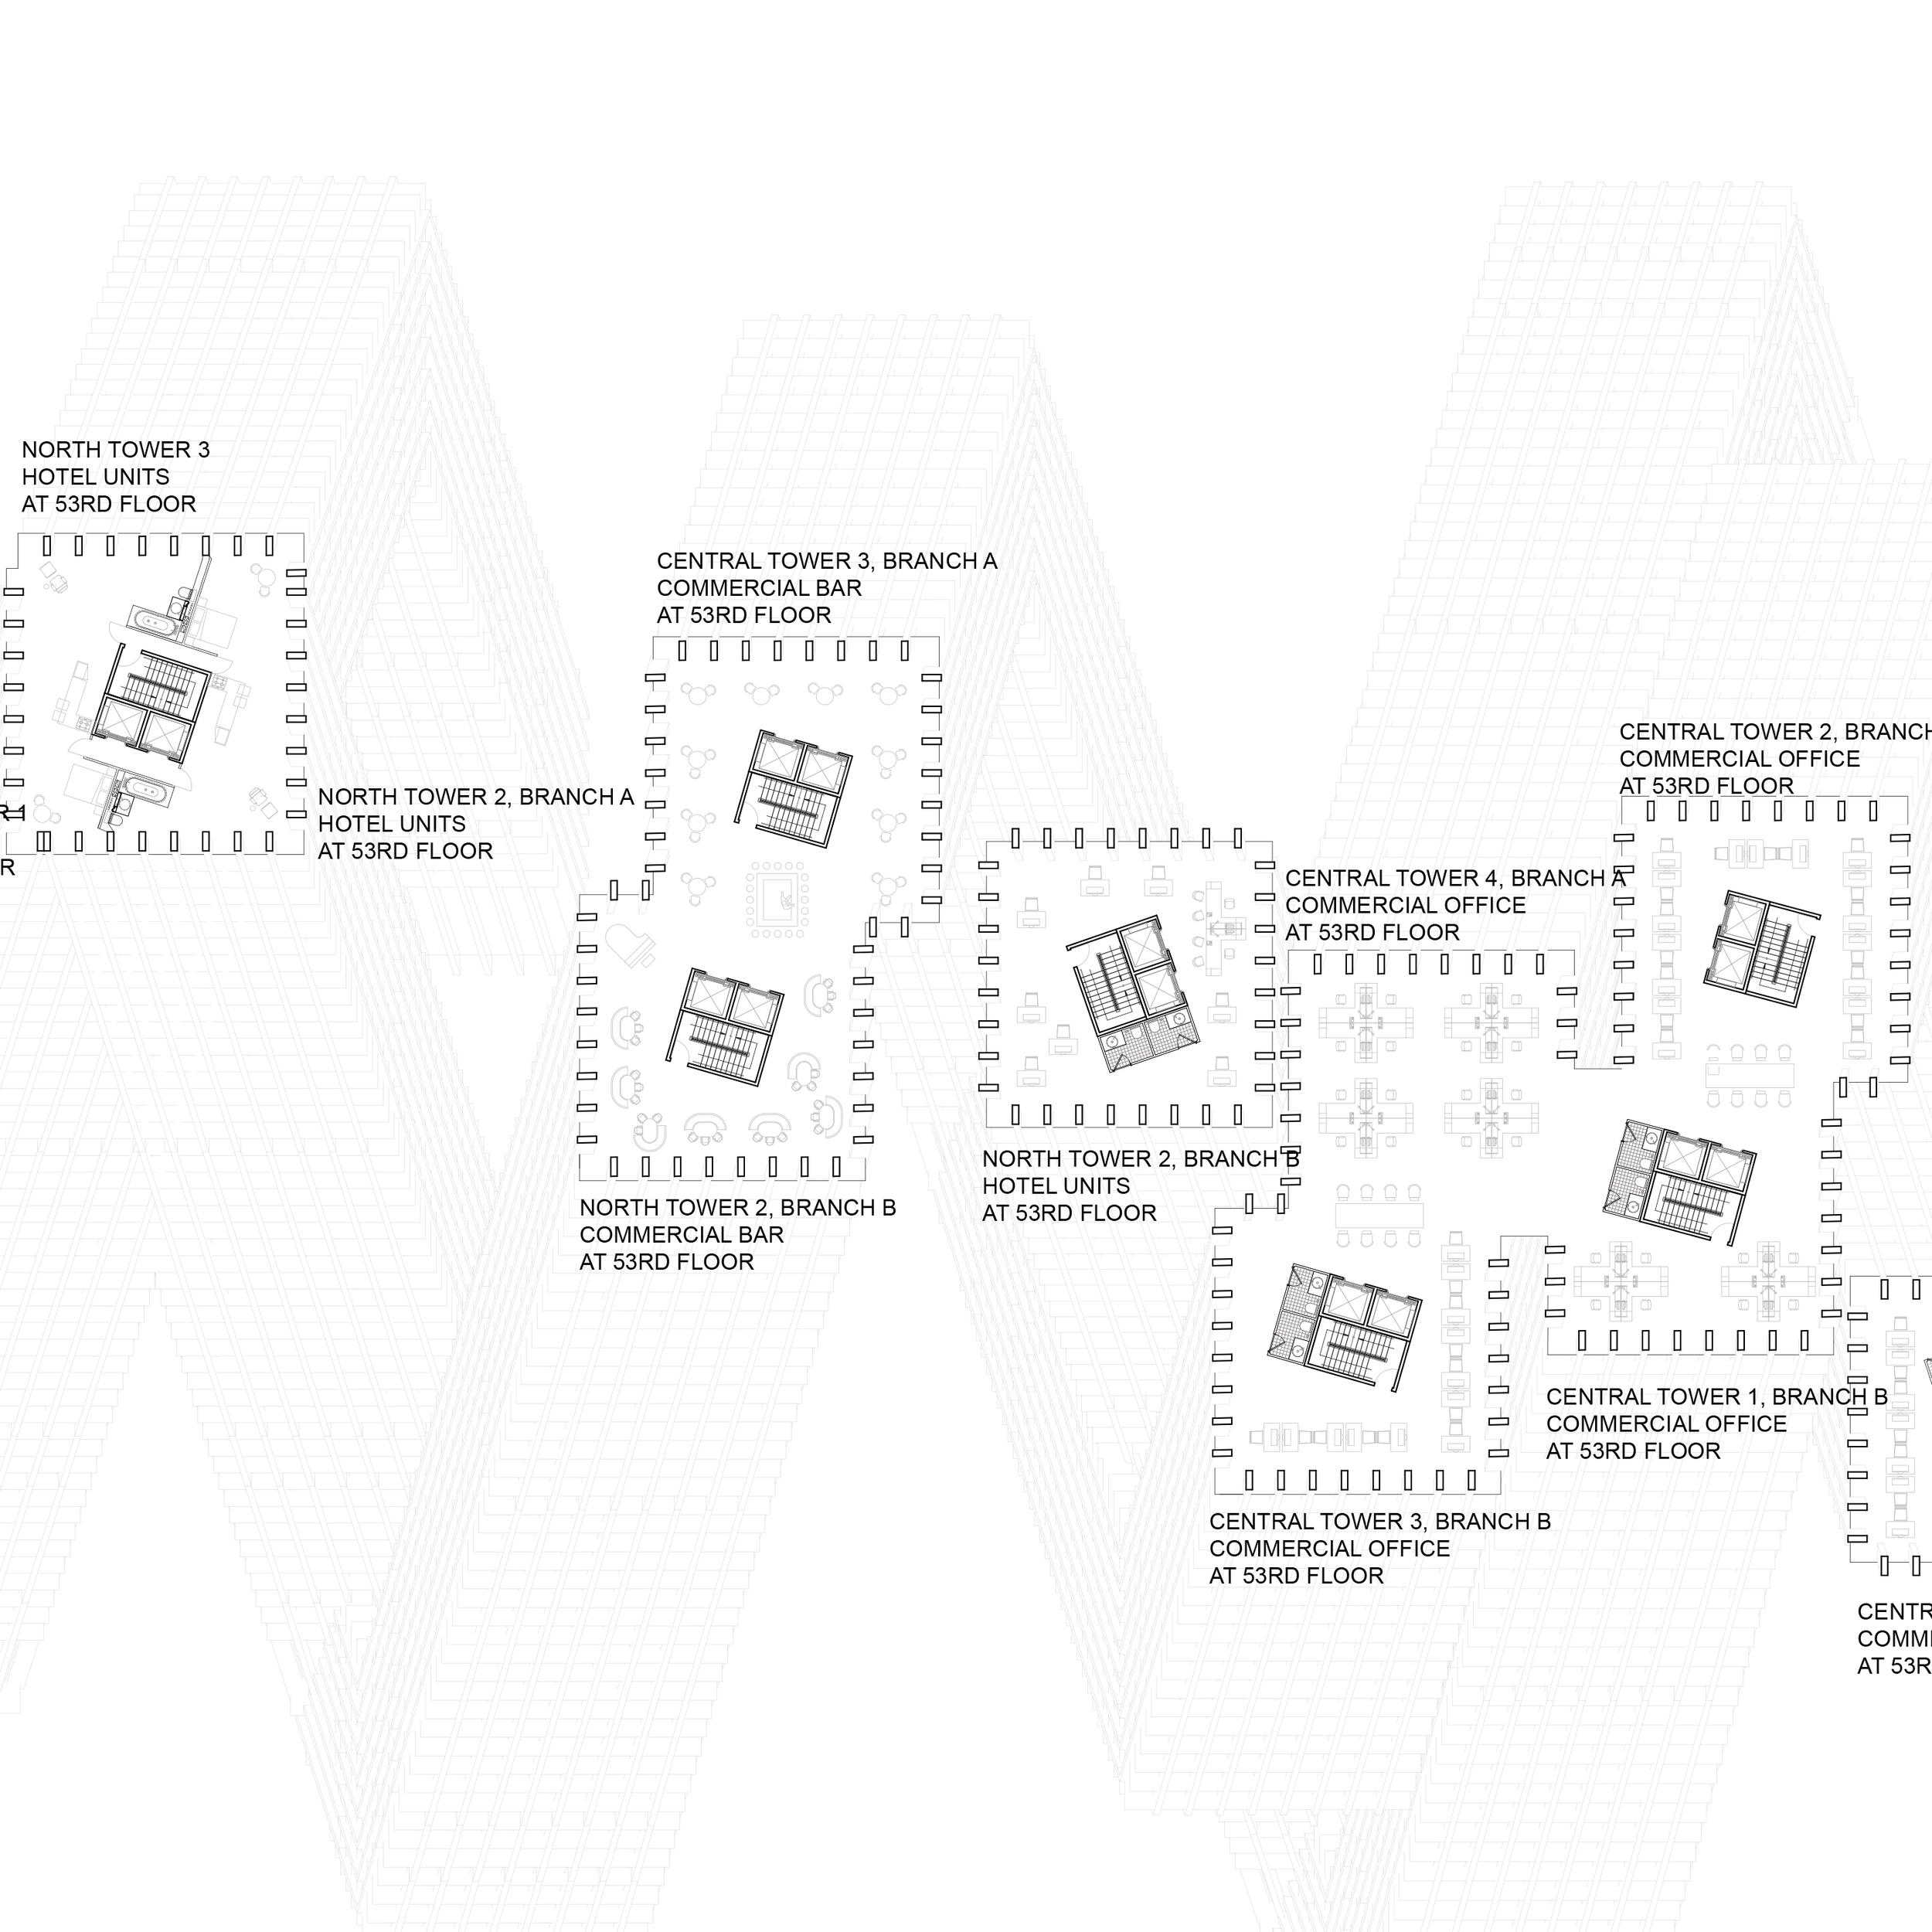 01_nmt_plan_zoom.jpg